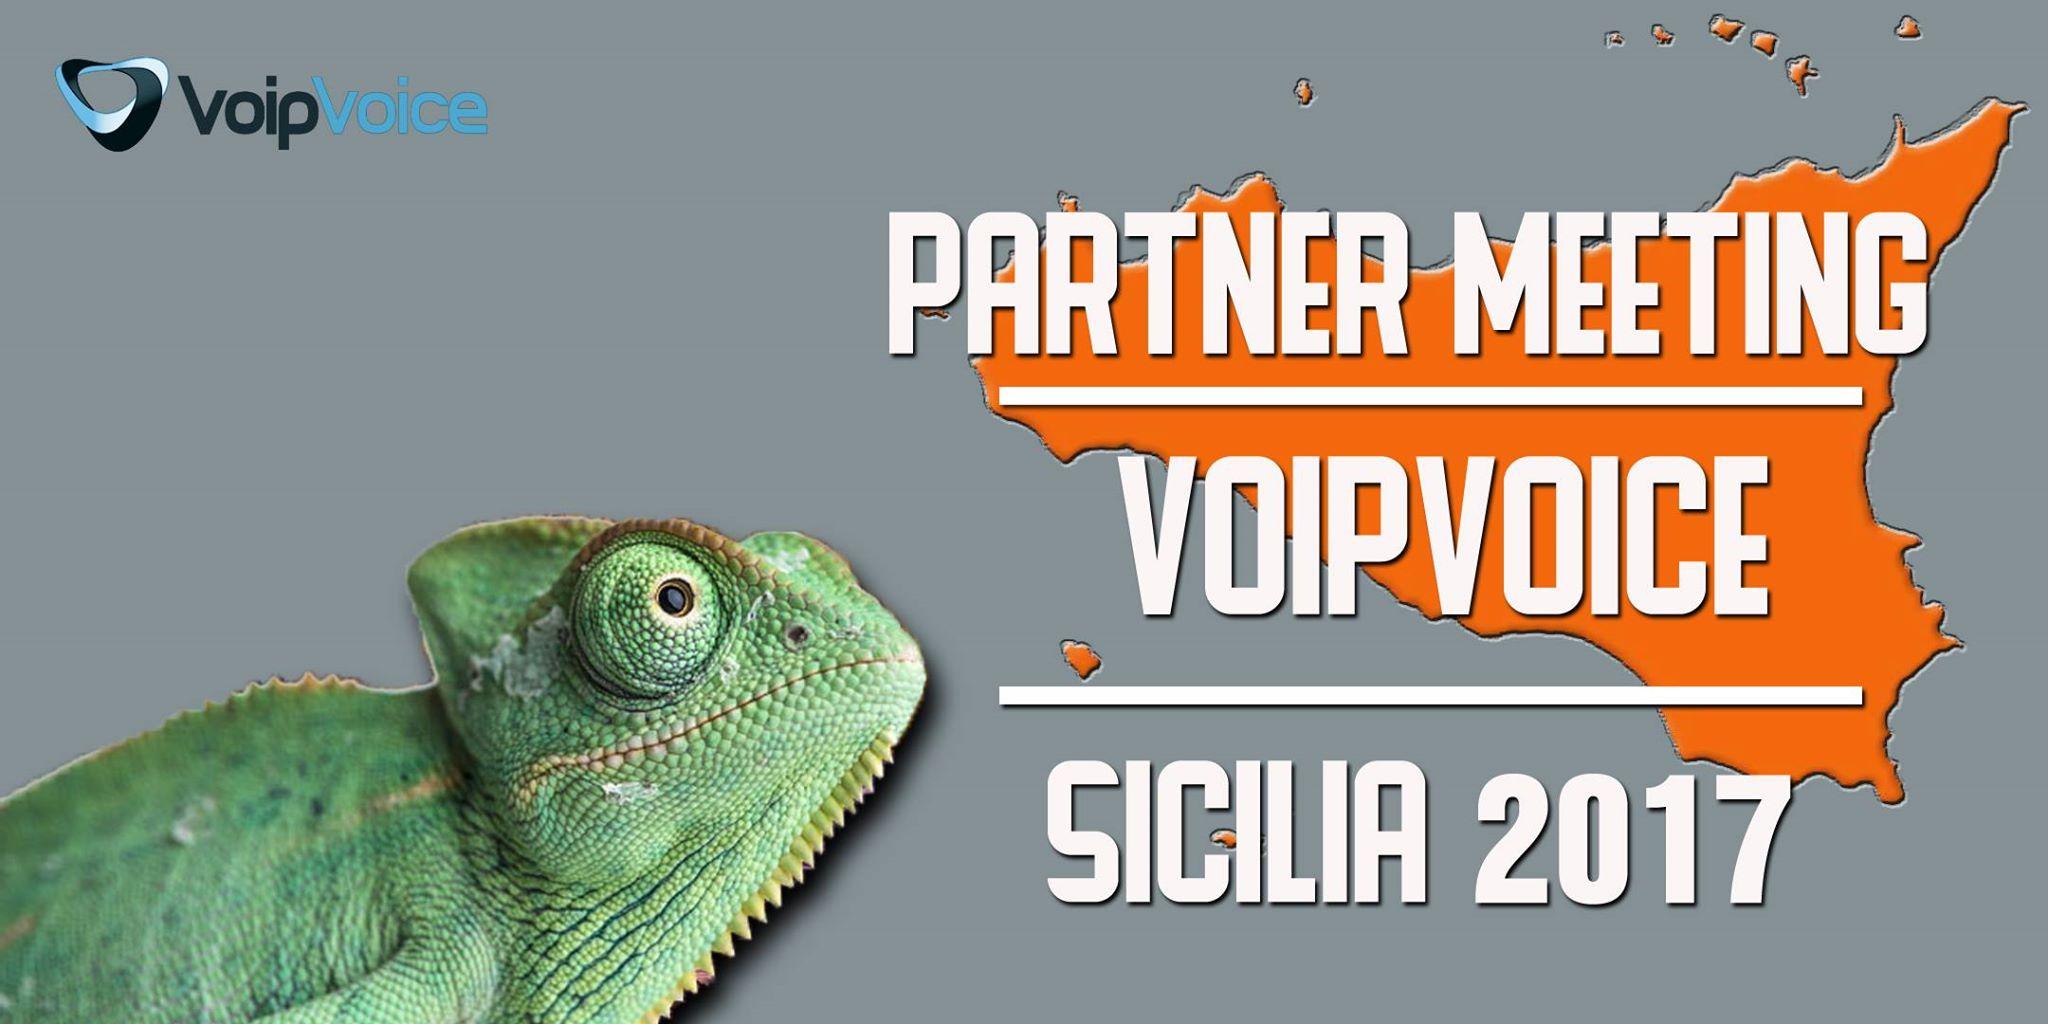 VoipVoice Partner Meeting Sicilia 2017